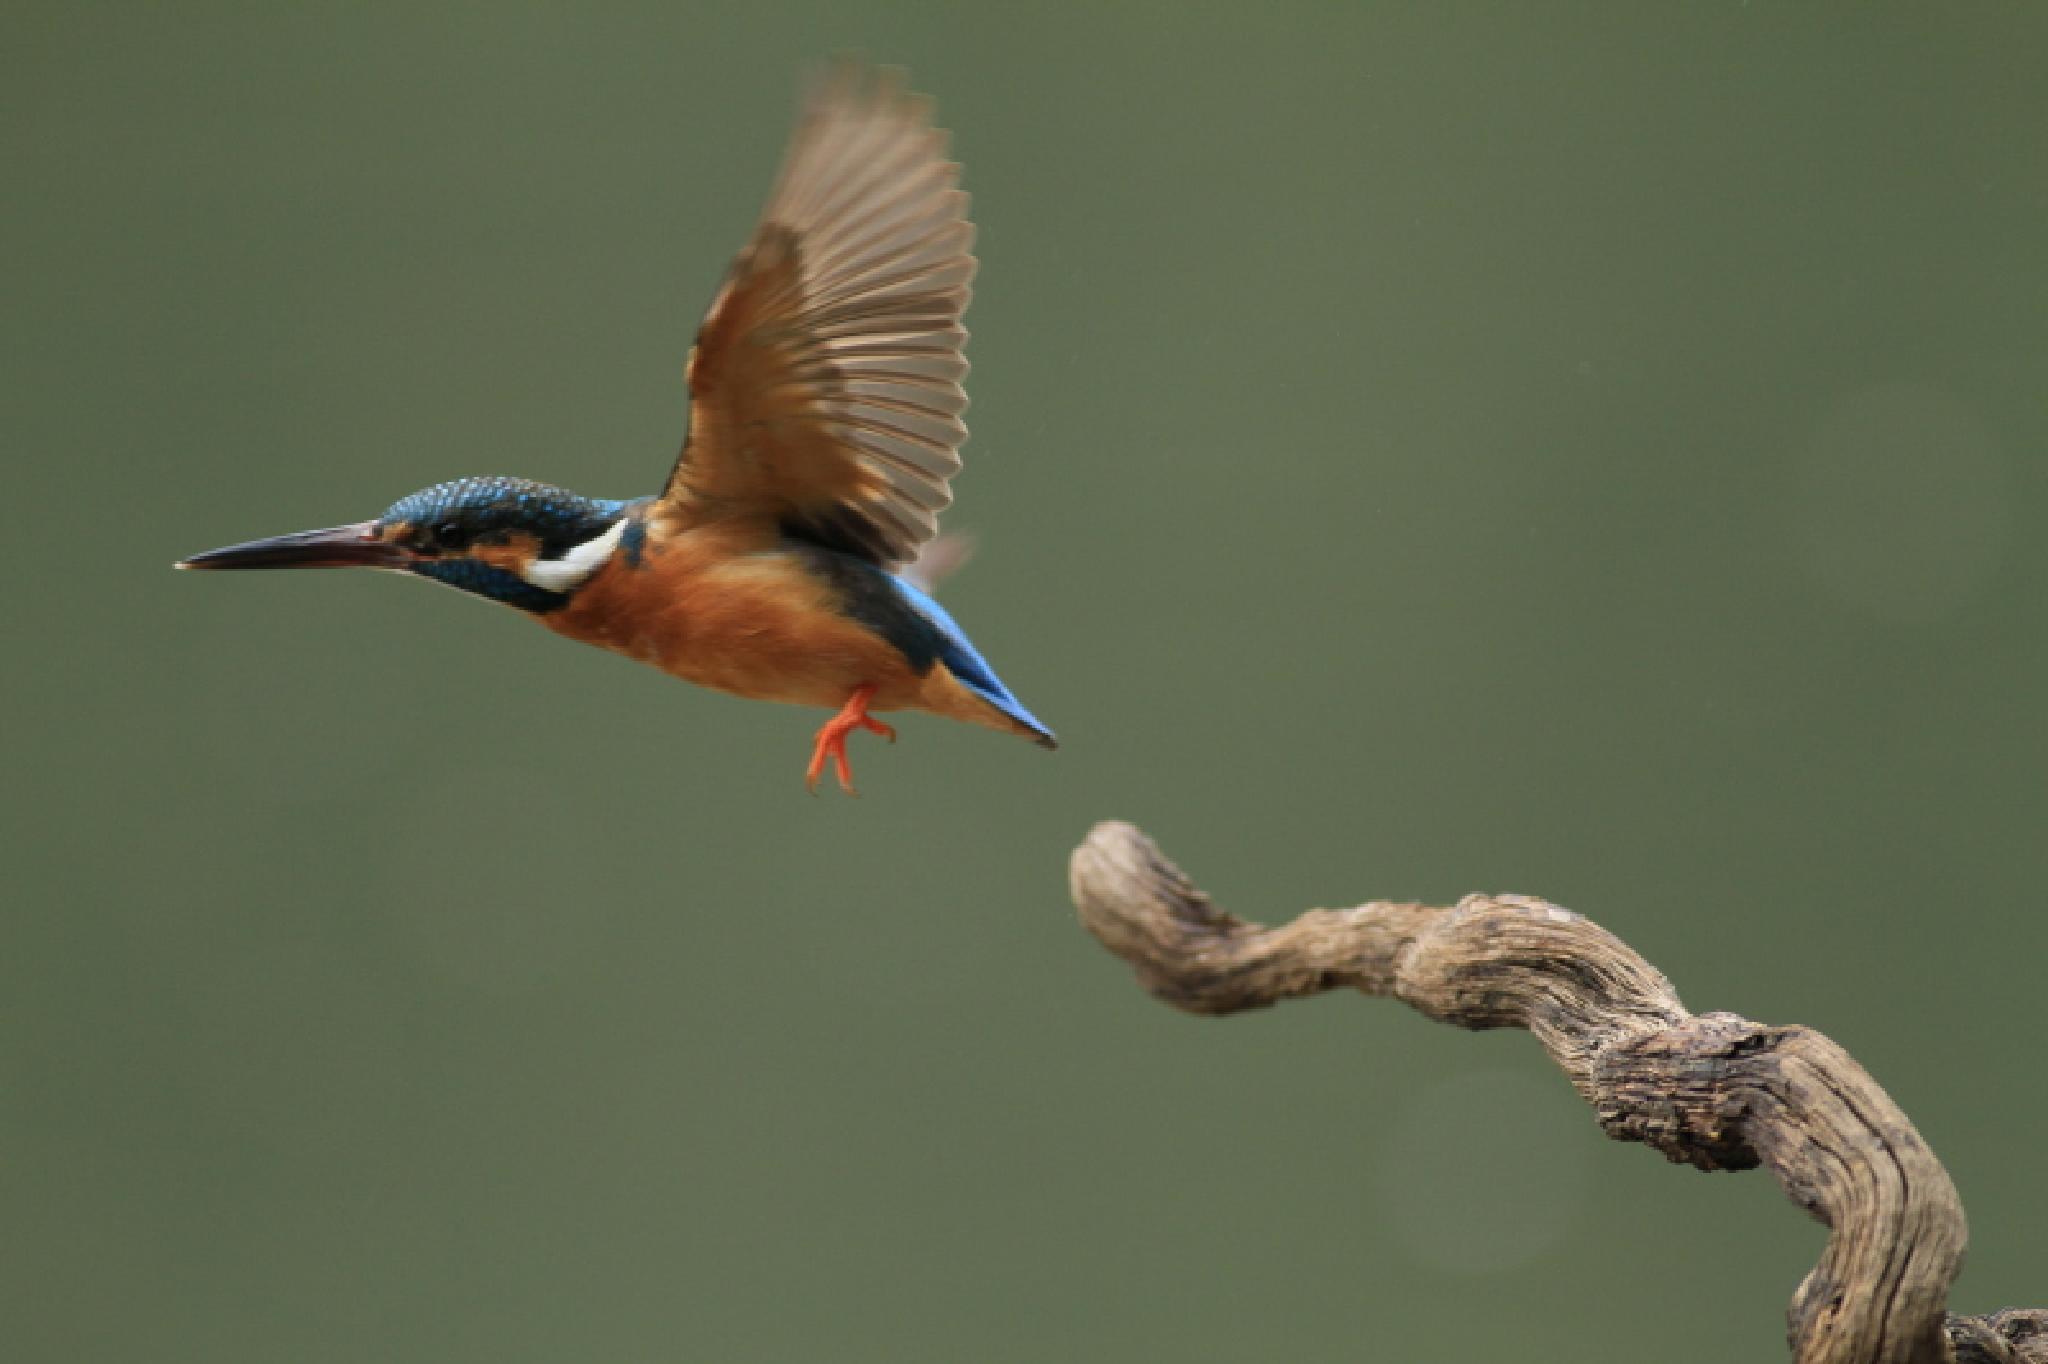 Kingfisher by photoeene